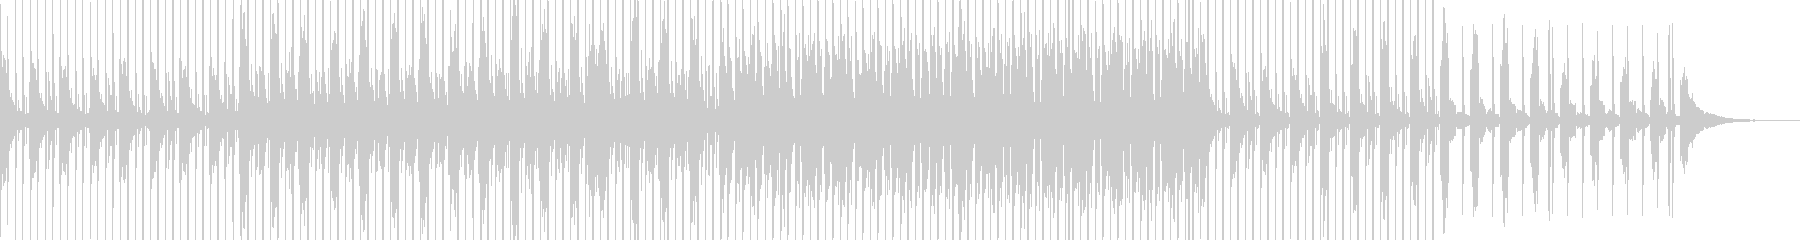 Positive Pop の未再生の波形